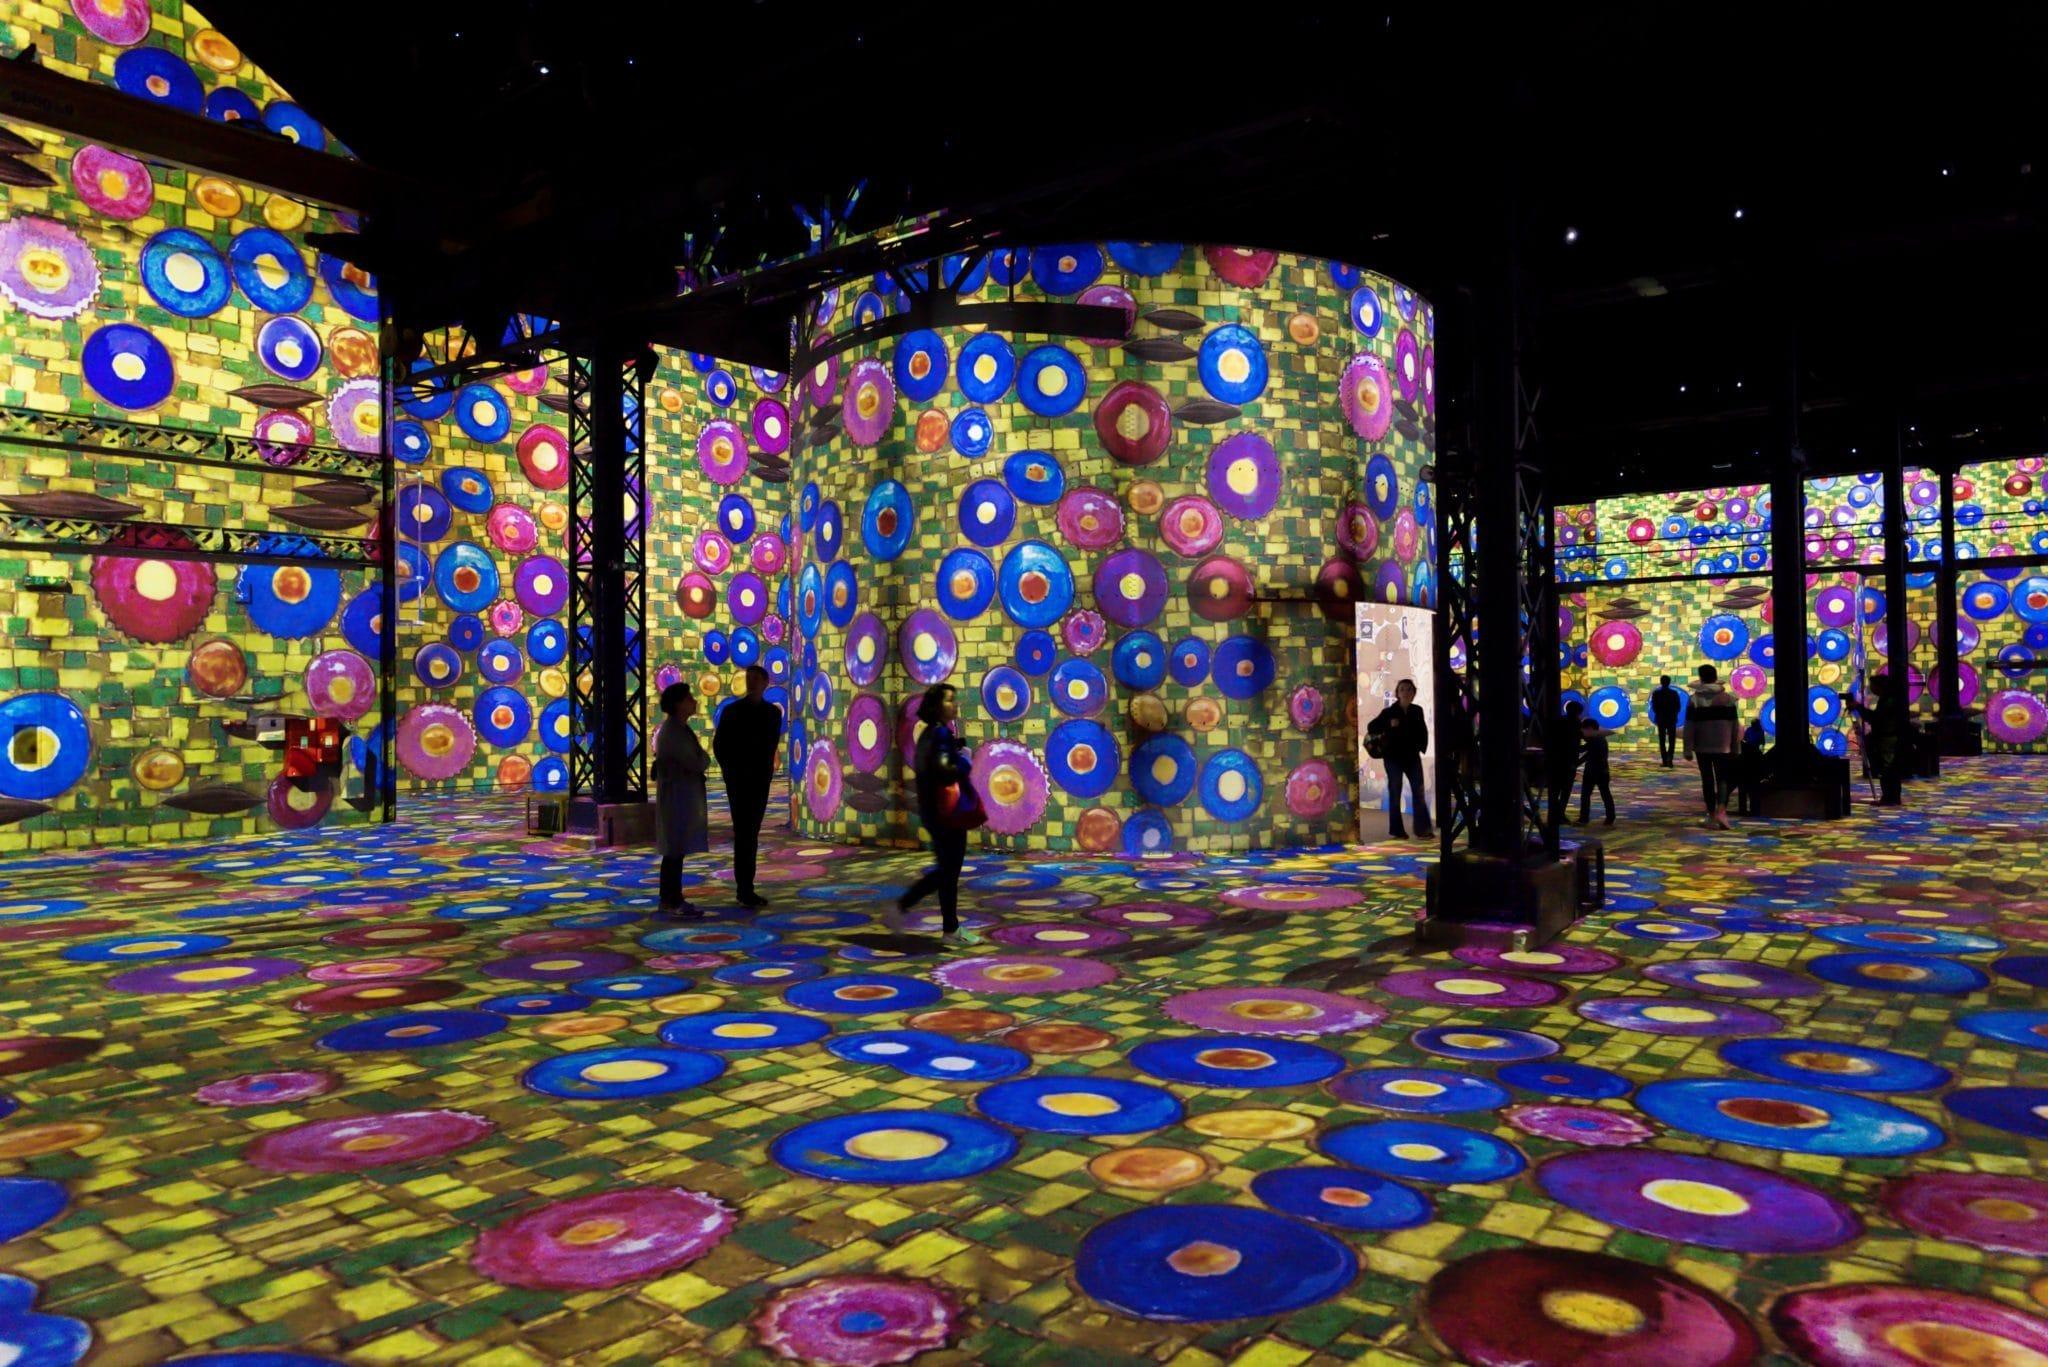 Gustav Klimt, une immersion dans l'art et la musique - Atelier des Lumières photo 4